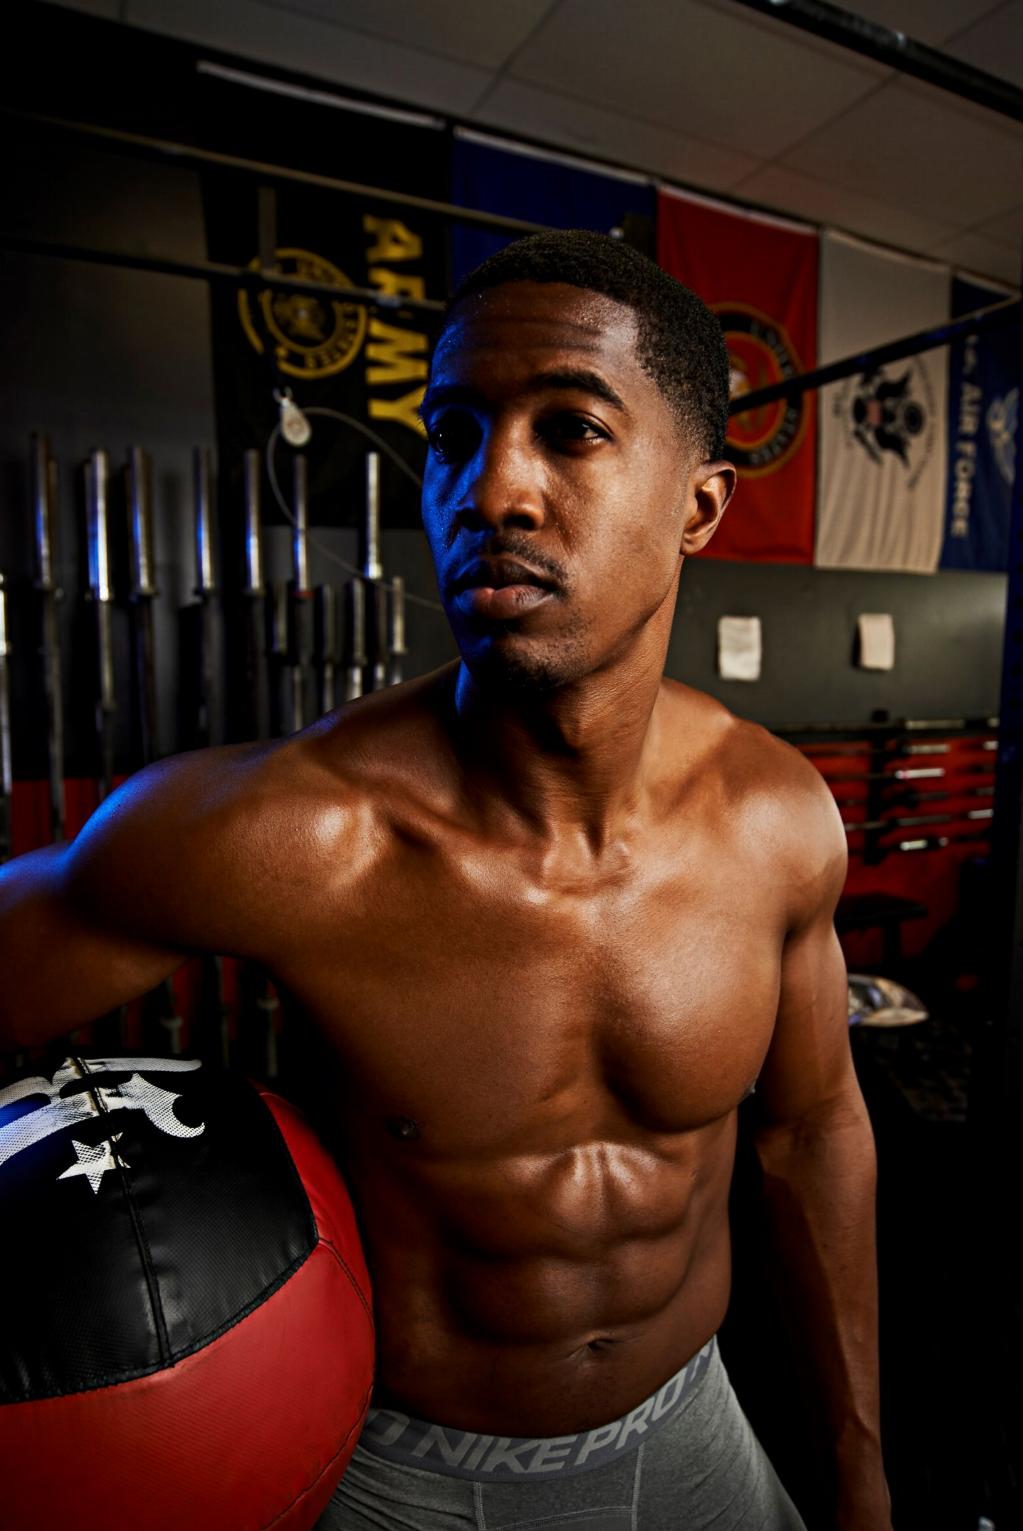 Dennis_Fitness 3.jpg